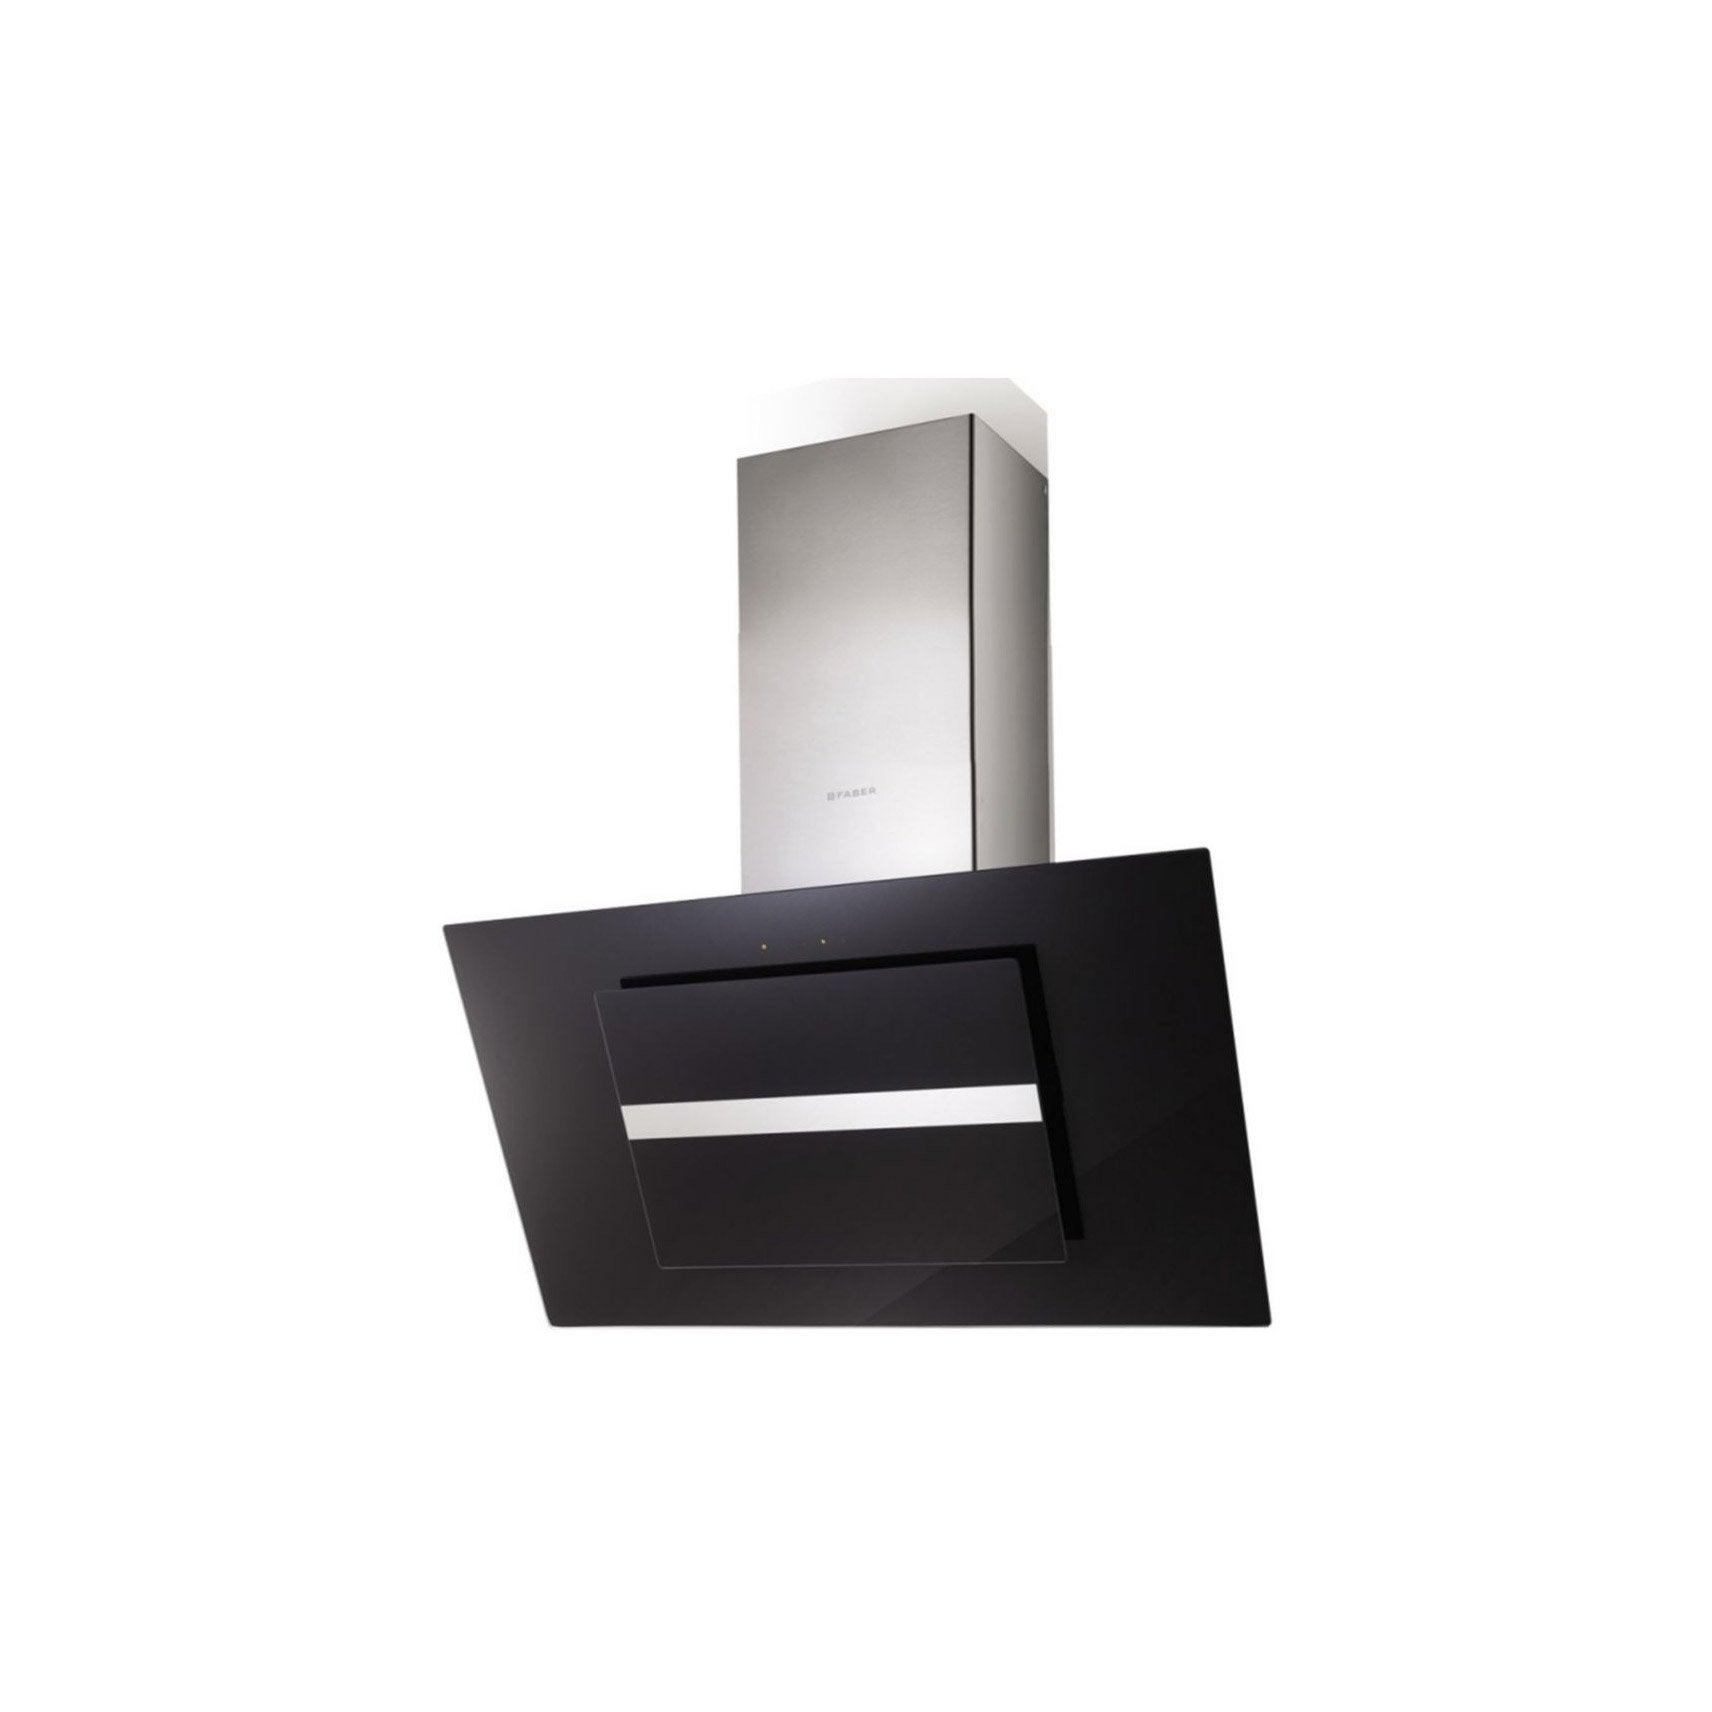 Hotte Groupe Aspirant L89 8 Cm Faber Northia 900 Noir Groupe